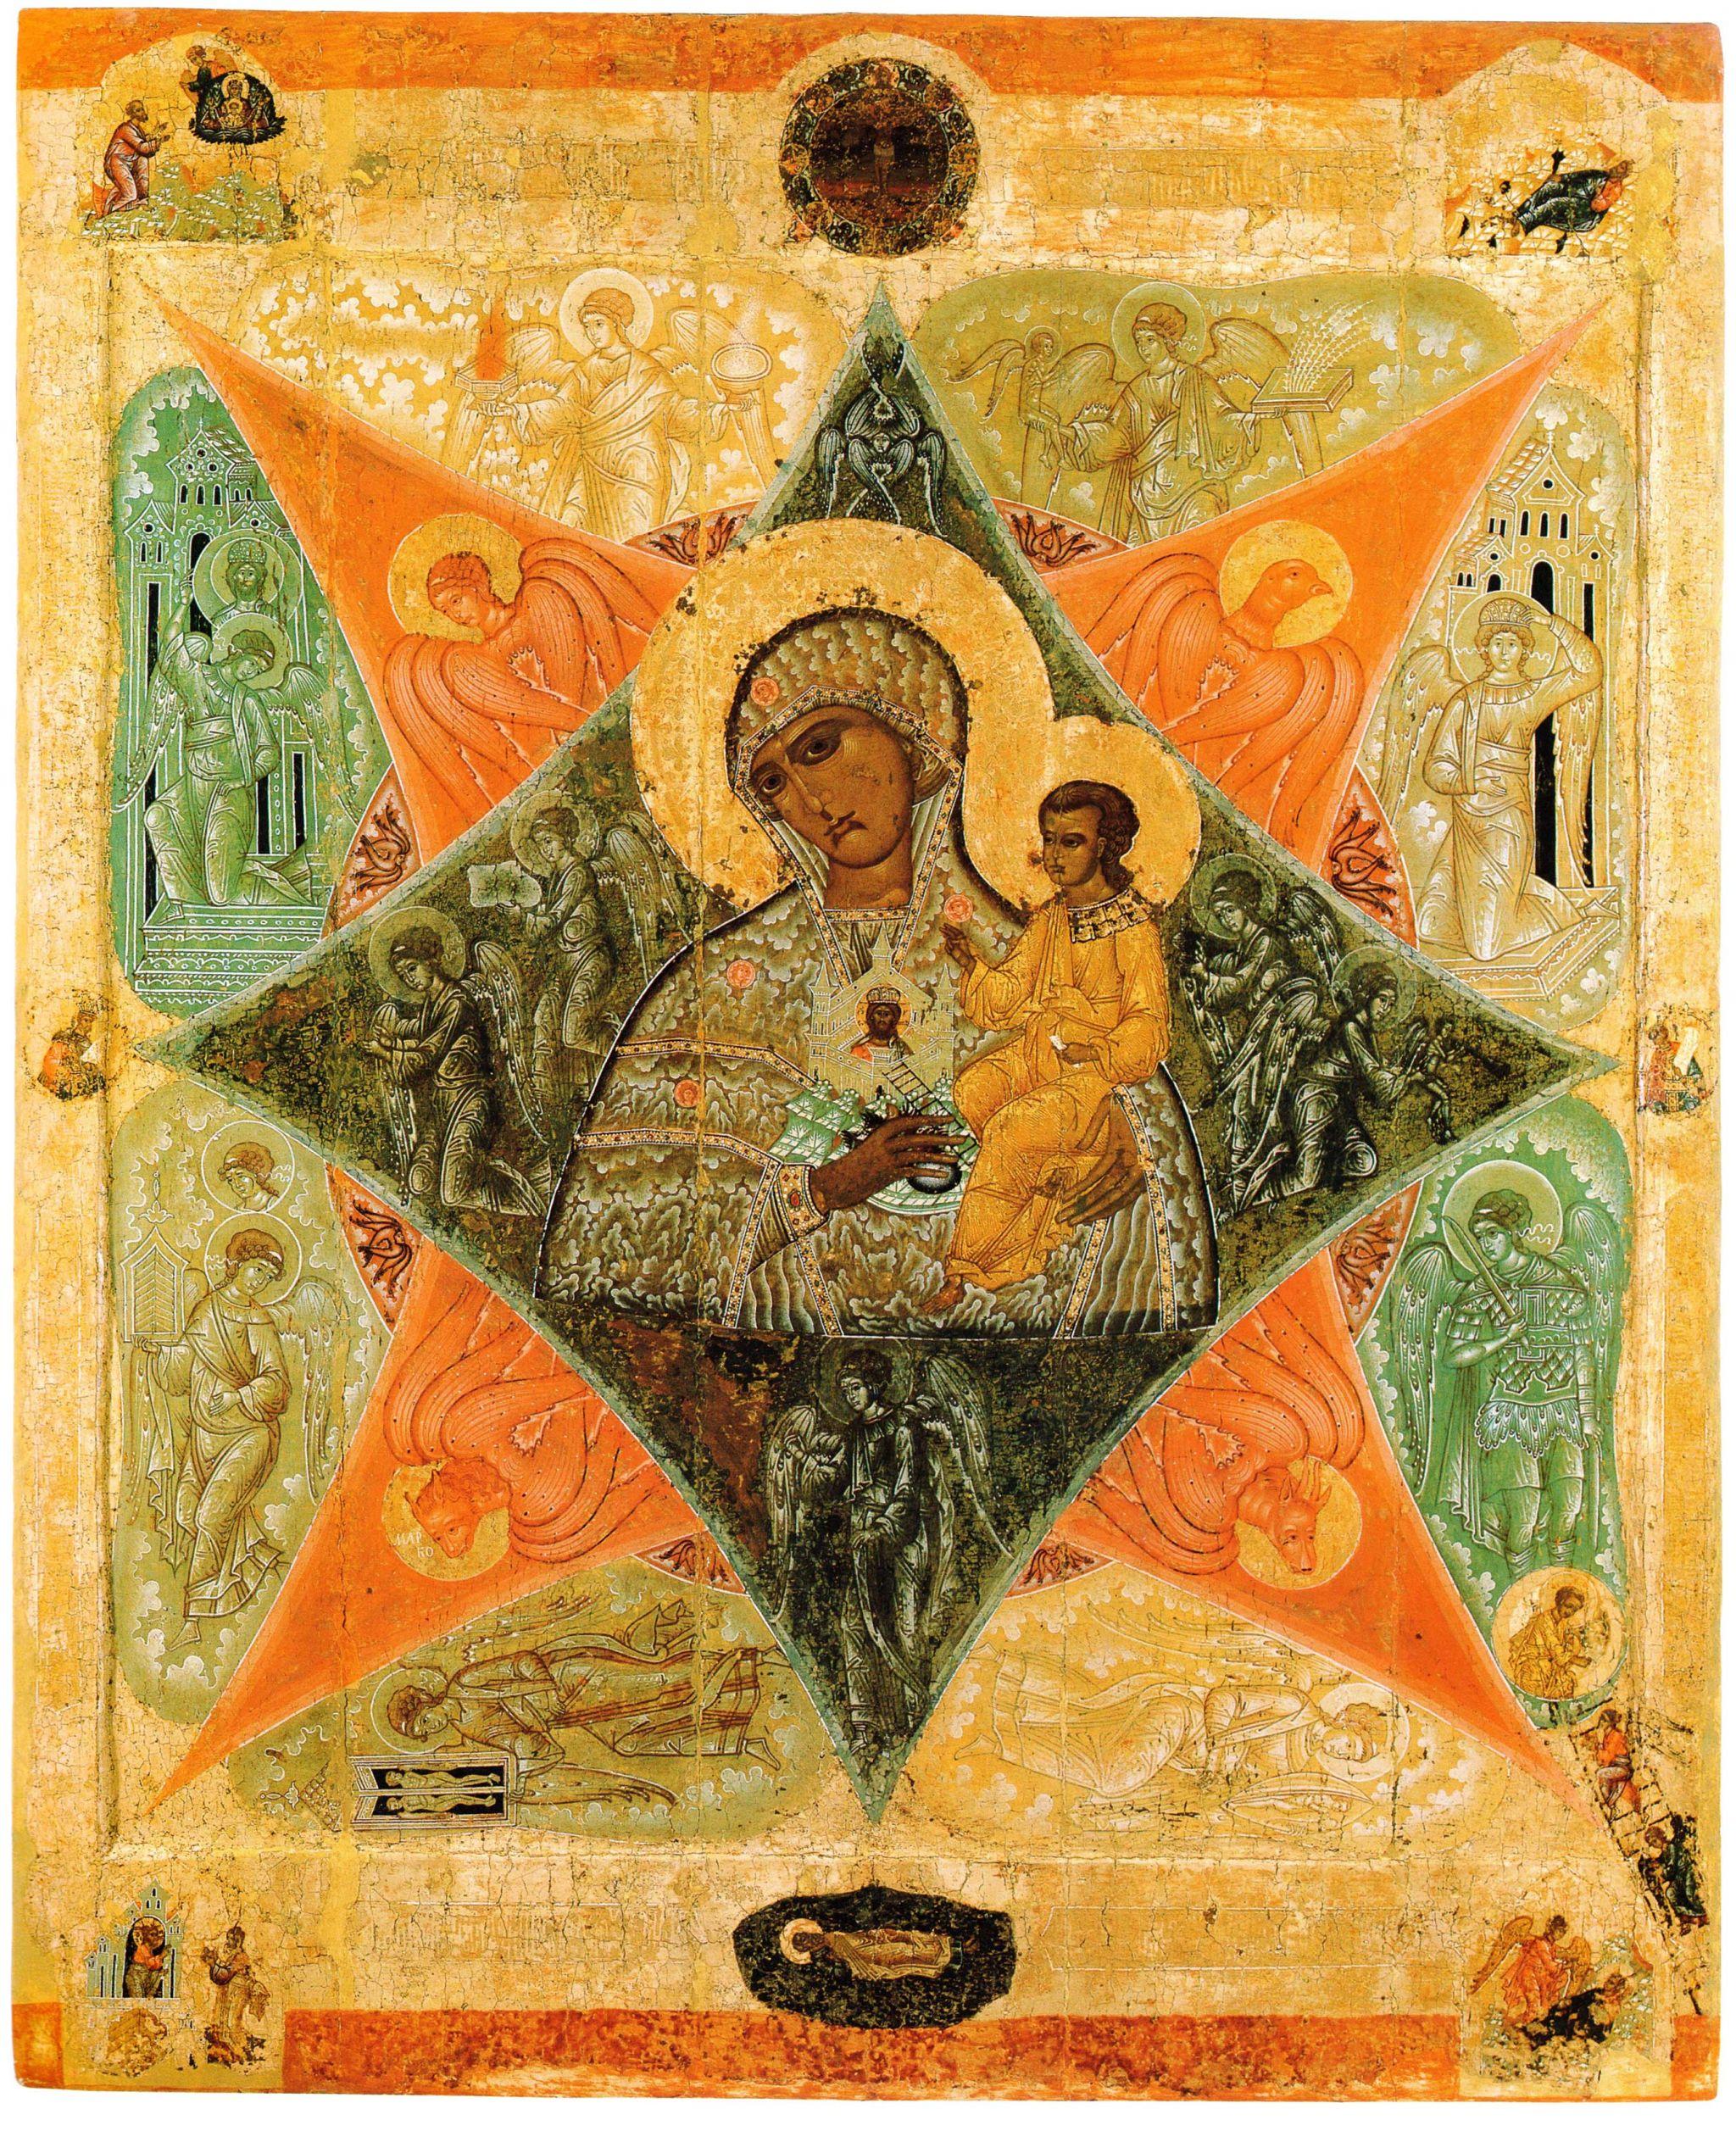 17 сентября 2019 года отмечается праздник Неопалимая Купина